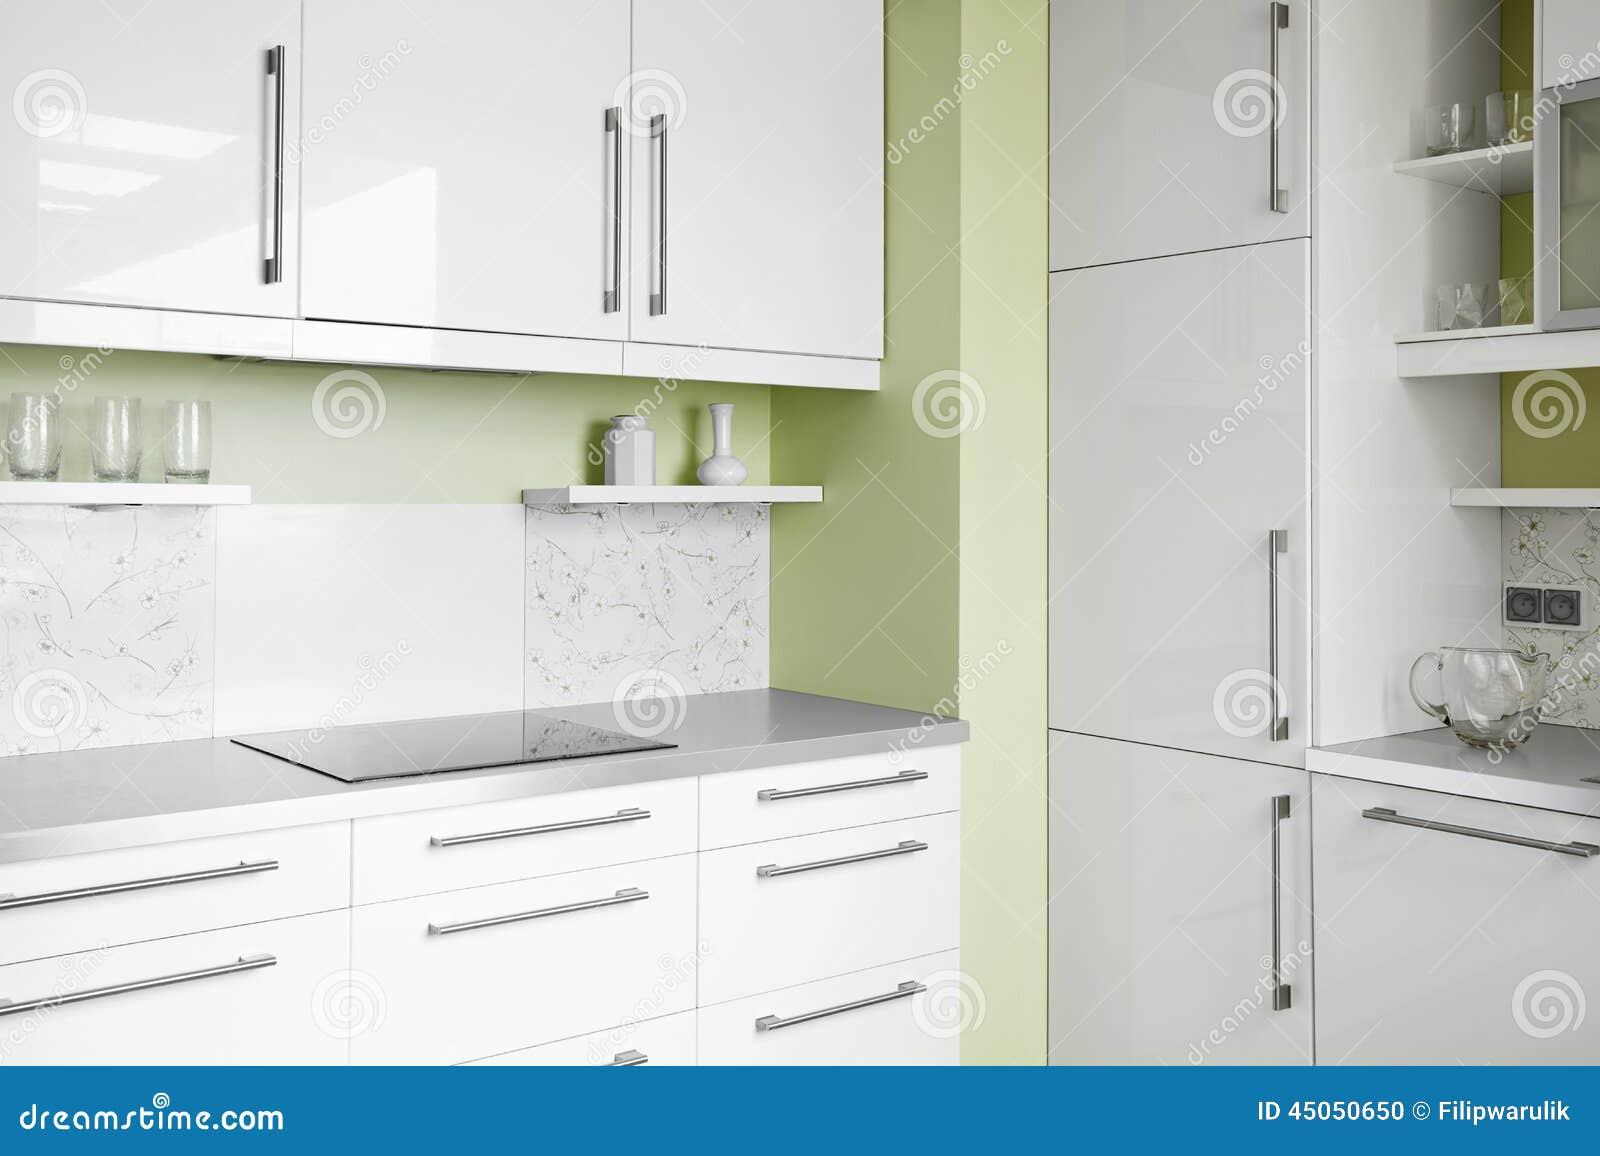 einfache küche in den weißen farben stockfoto - bild: 45050650